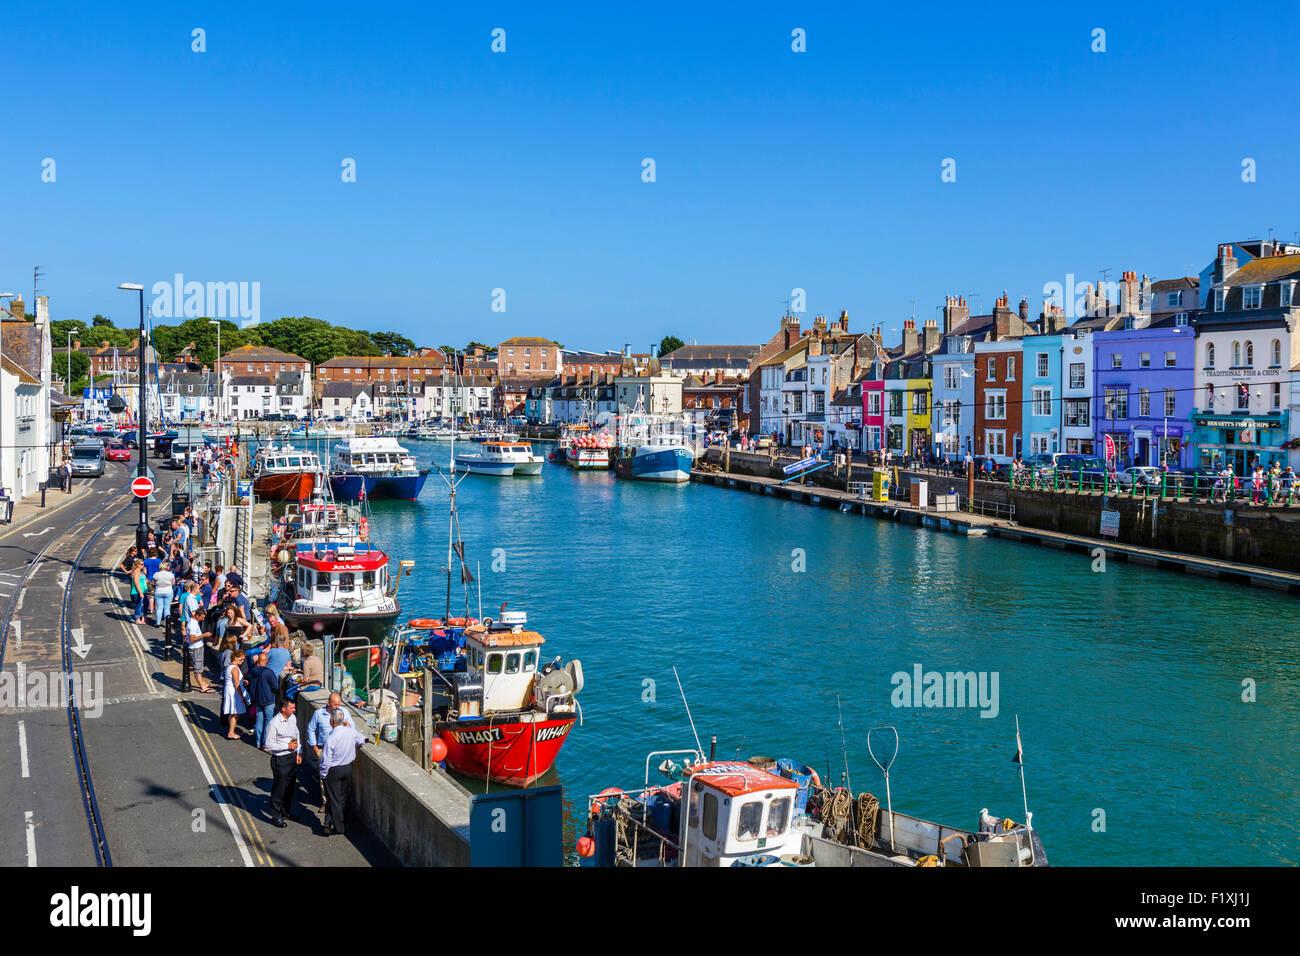 Barche da pesca ormeggiate presso Custom House Quay a Weymouth, Jurassic Coast, Dorset, England, Regno Unito Foto Stock